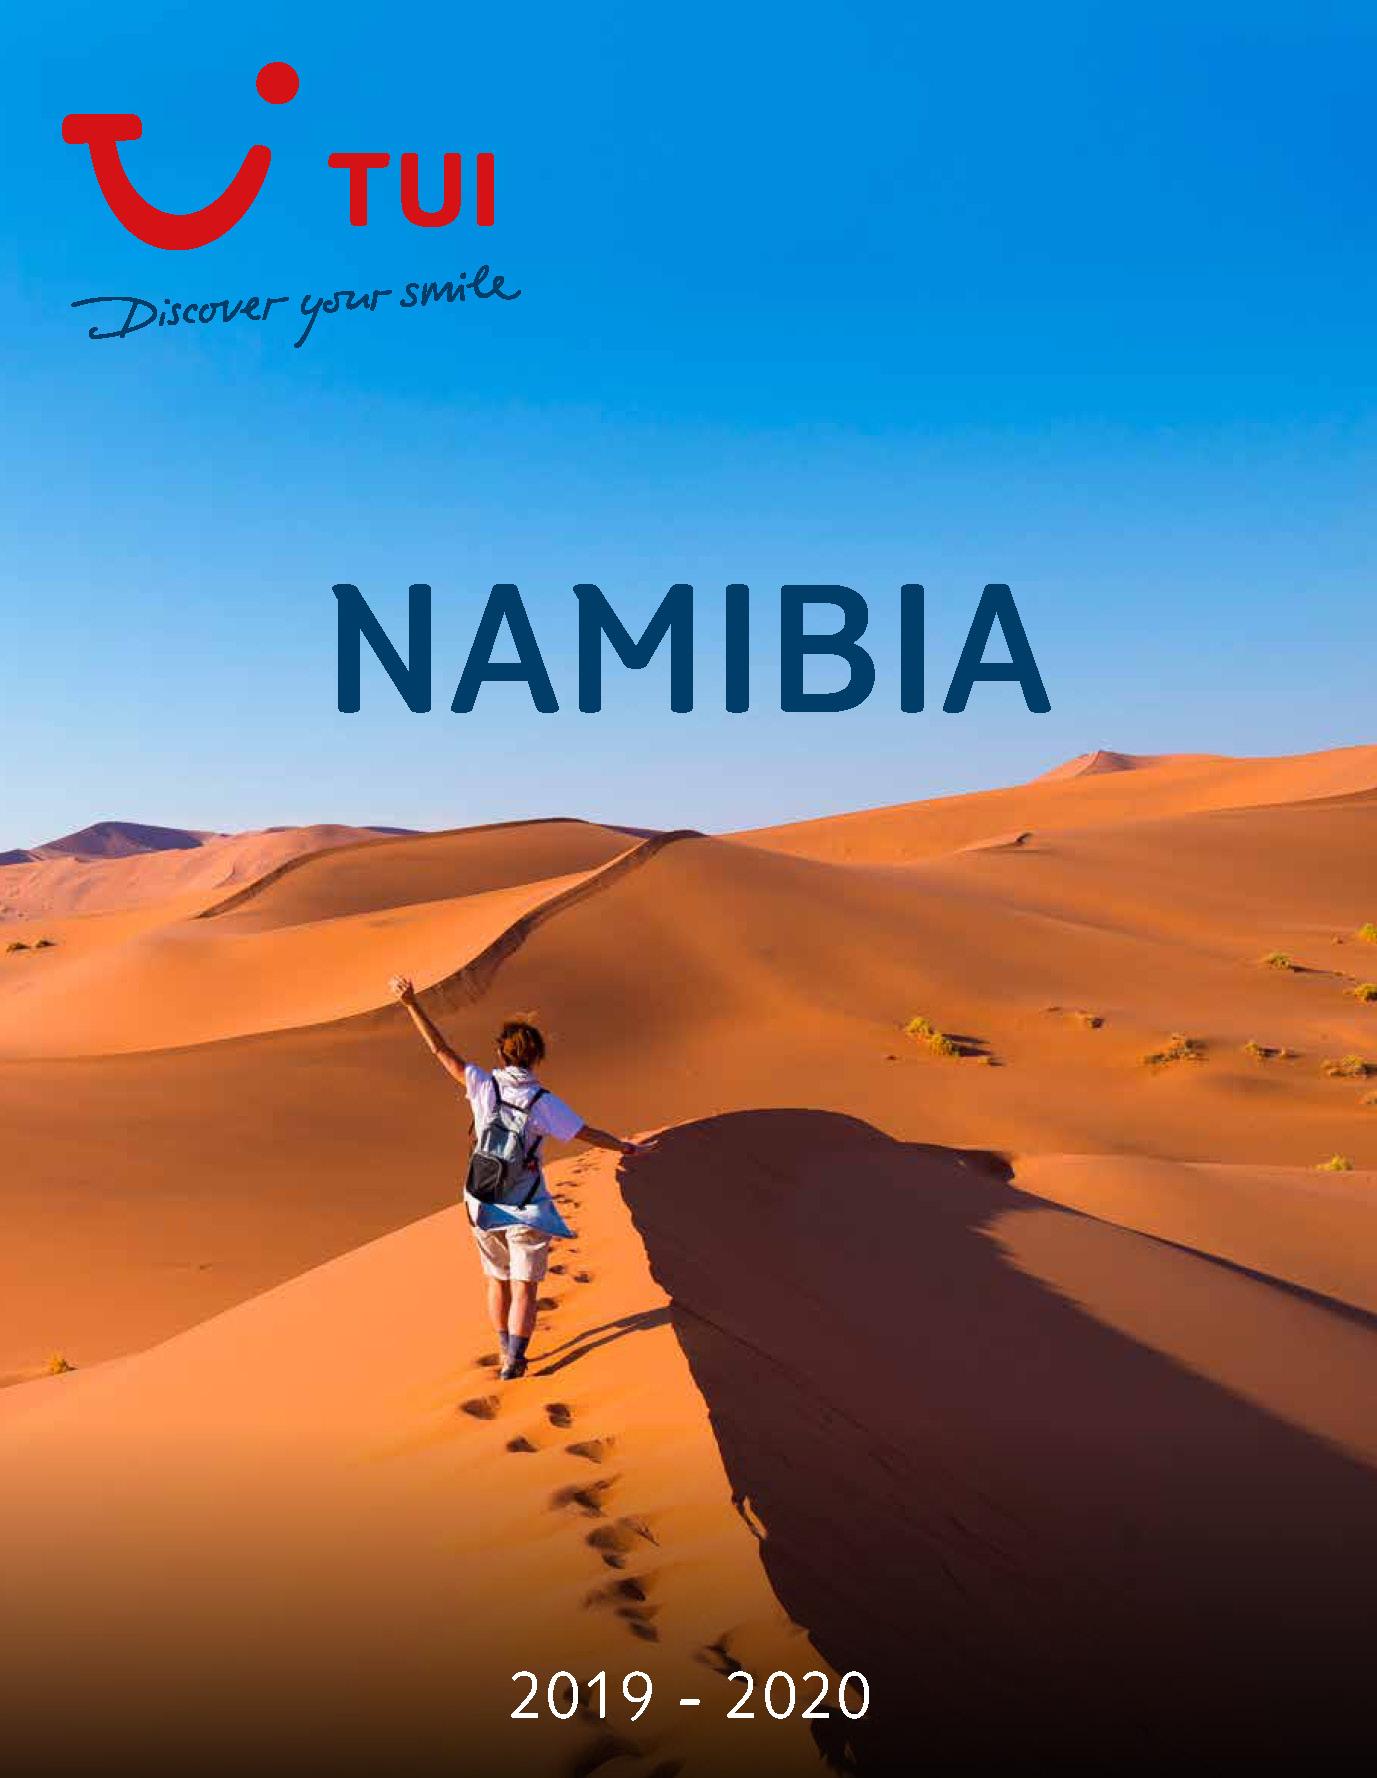 Catalogo TUI Ambassador Tours Namibia 2019-2020